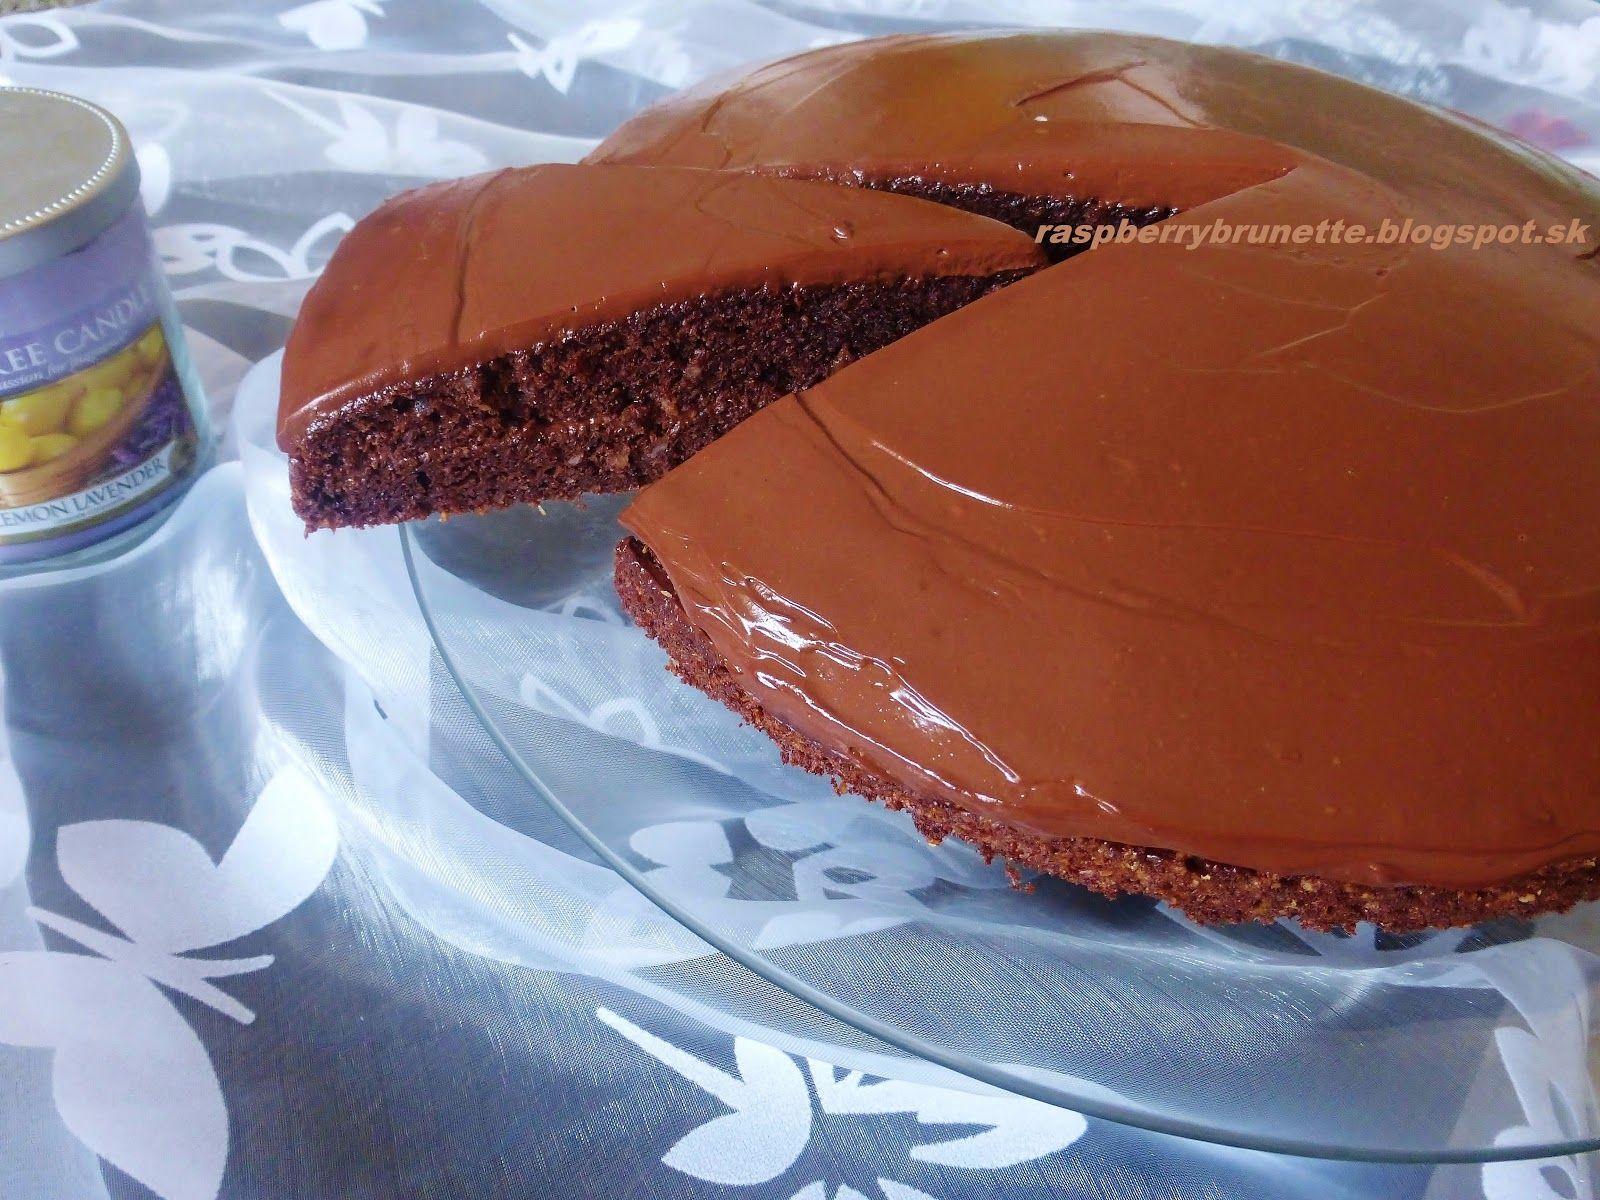 Raspberrybrunette: Čokoládový banánový koláč    Jednoduchý a rýchly k...